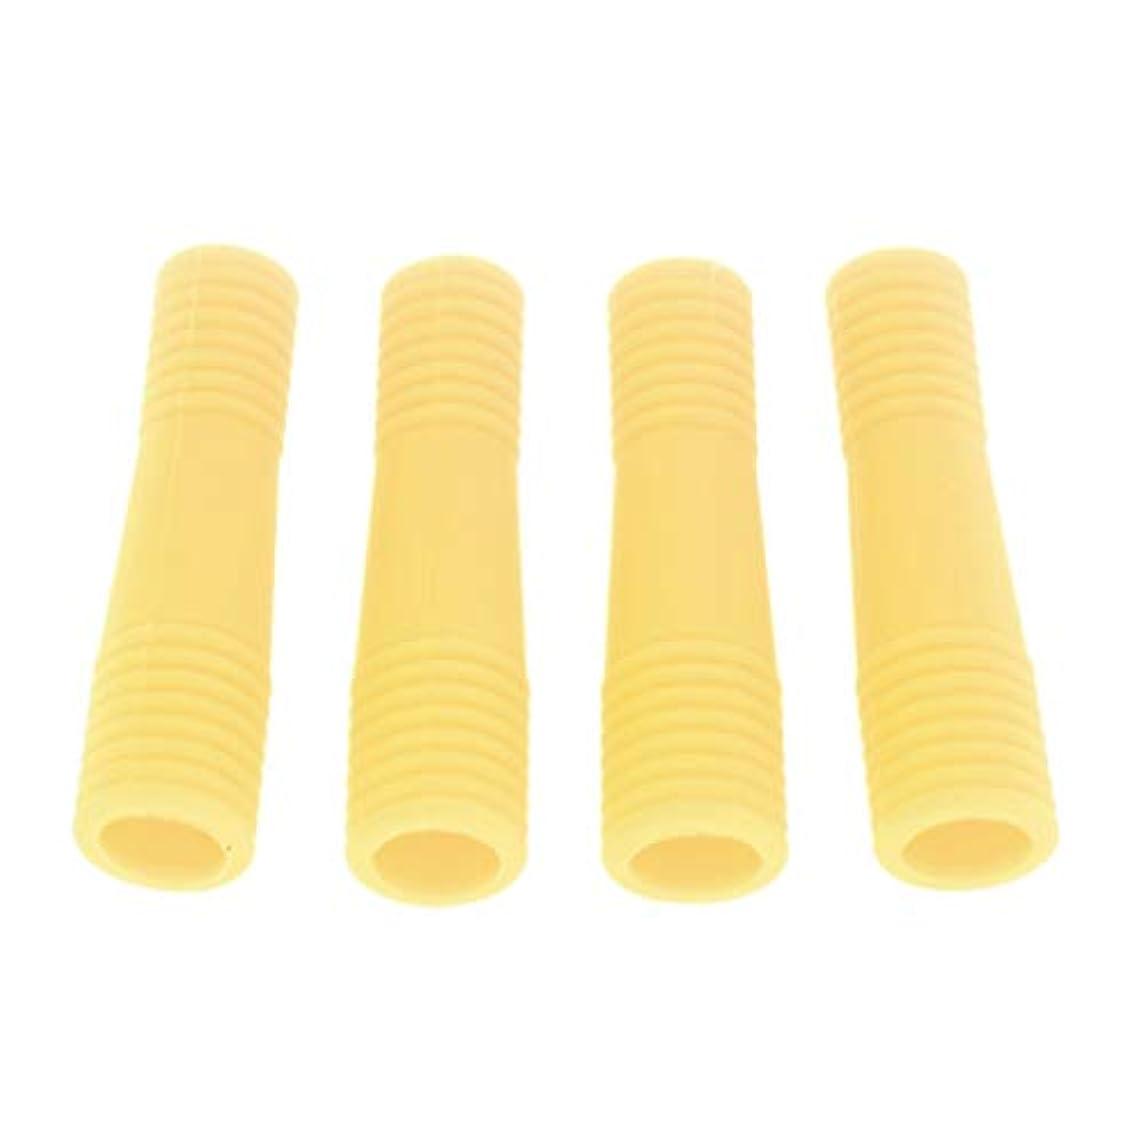 部族繊維させるCUTICATE キューティクルニッパー保護カバー アクリルネイル用ツール ネイル道具 ケアツール 全5色 - 黄